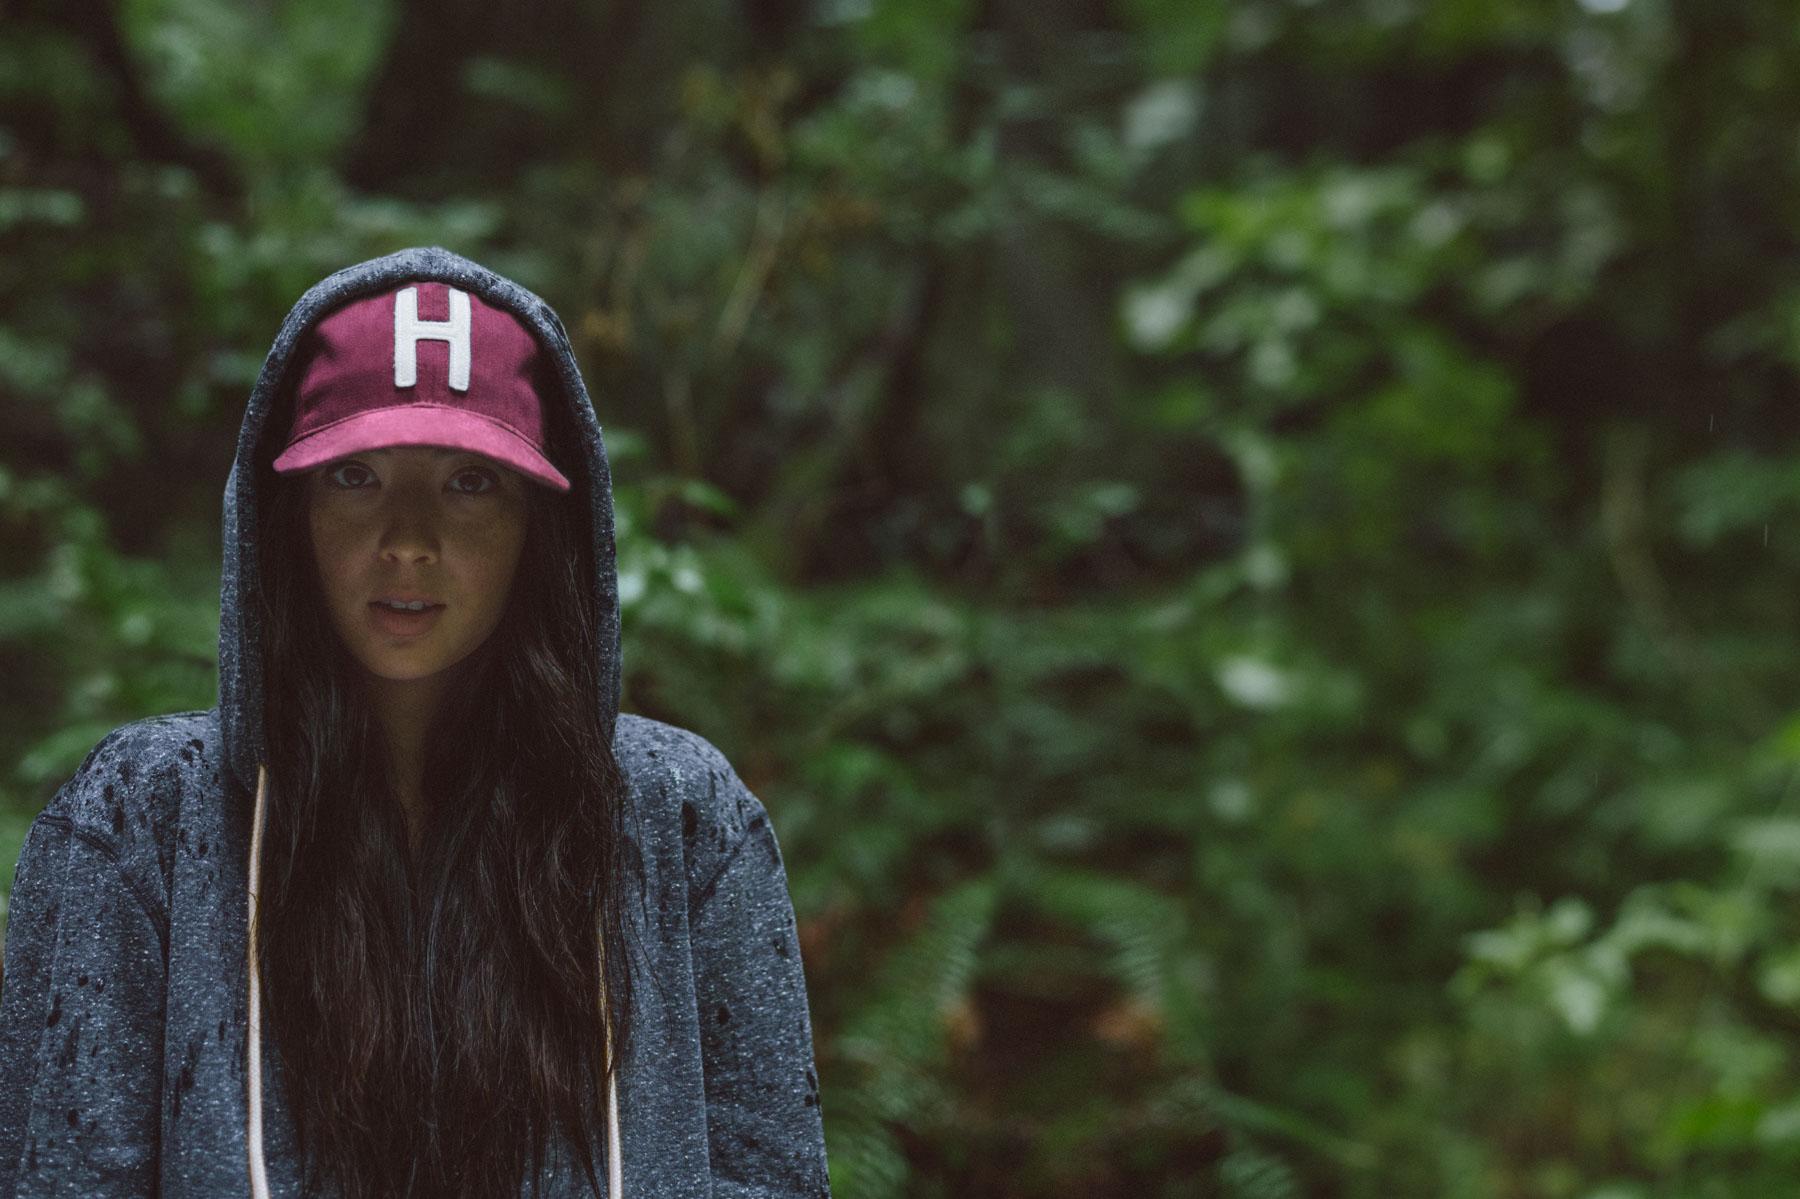 H14-Headwear-13